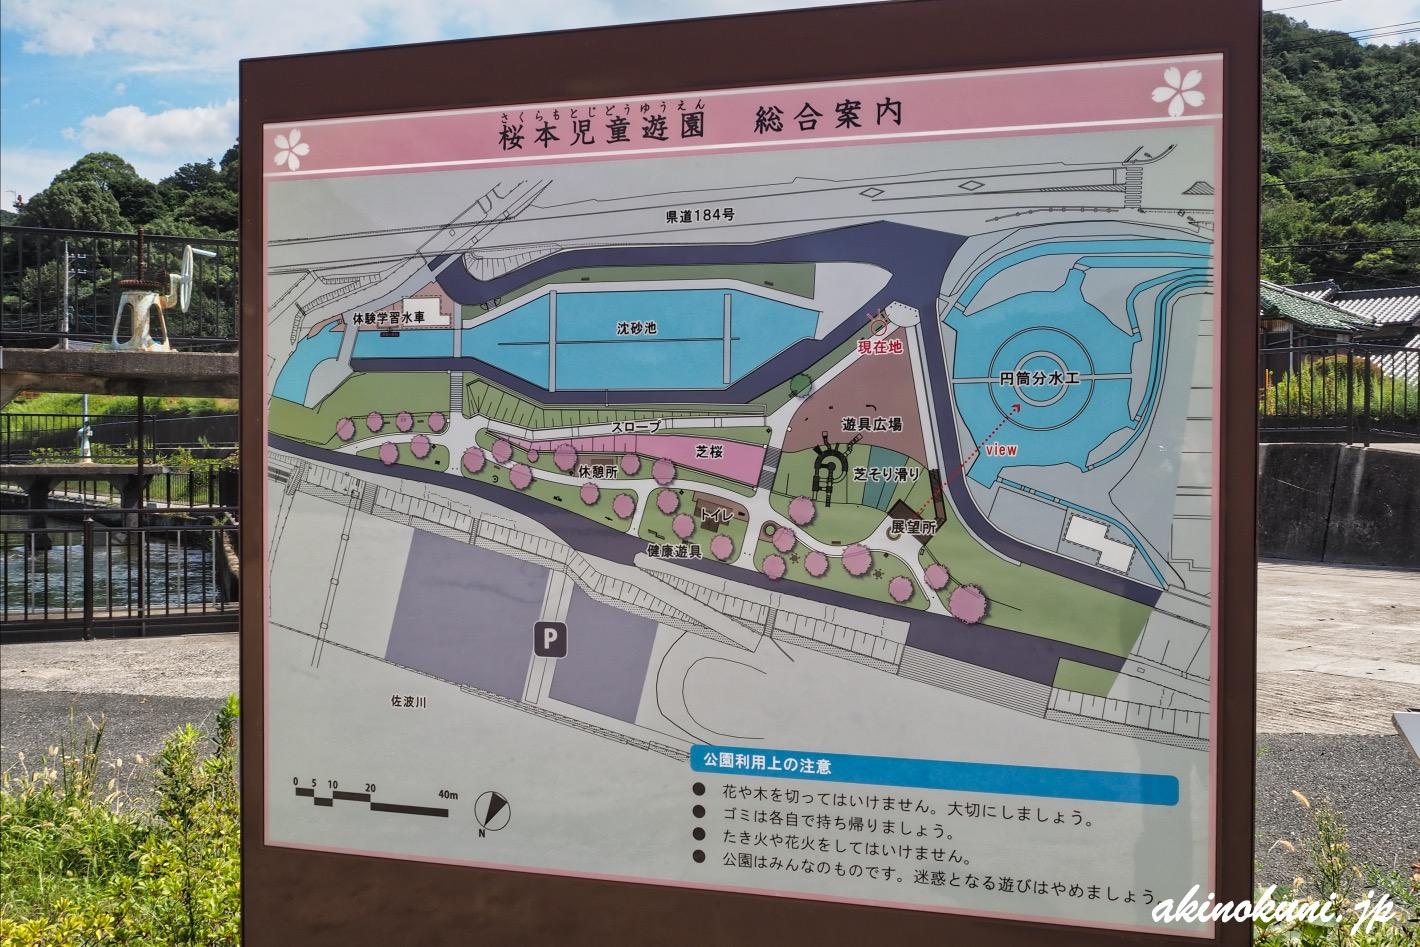 桜本児童遊園 総合案内